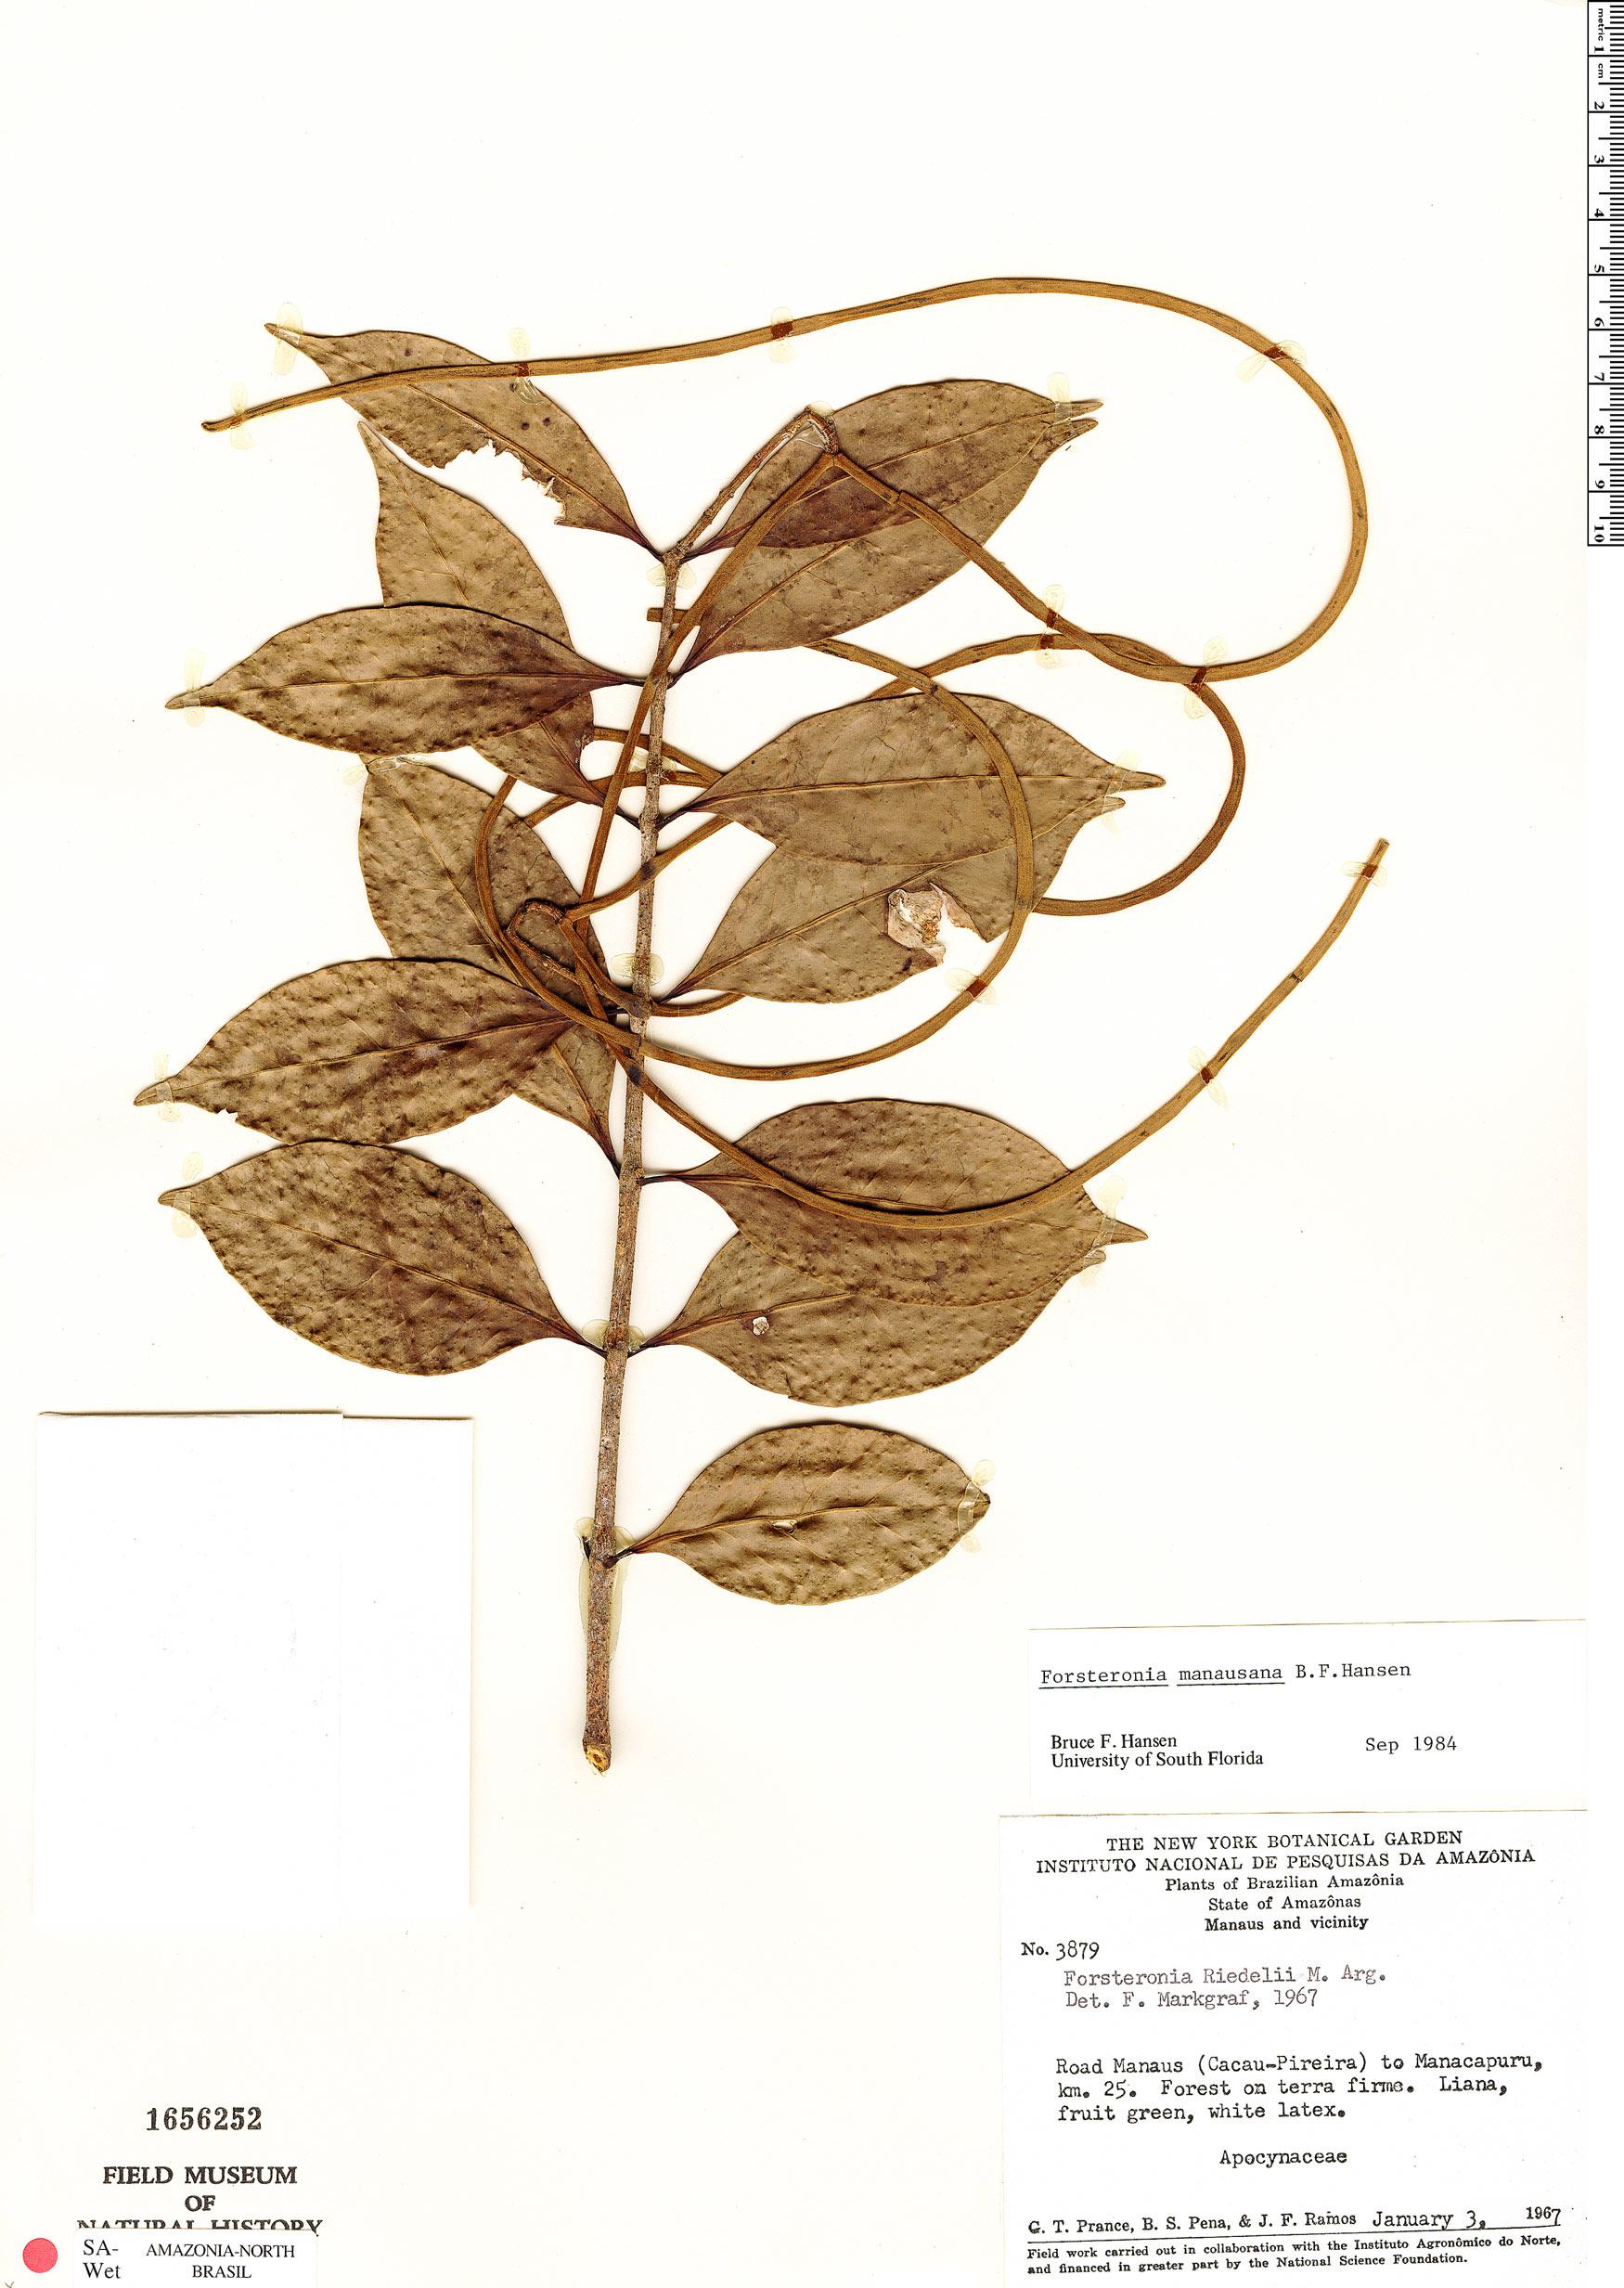 Specimen: Forsteronia manausana